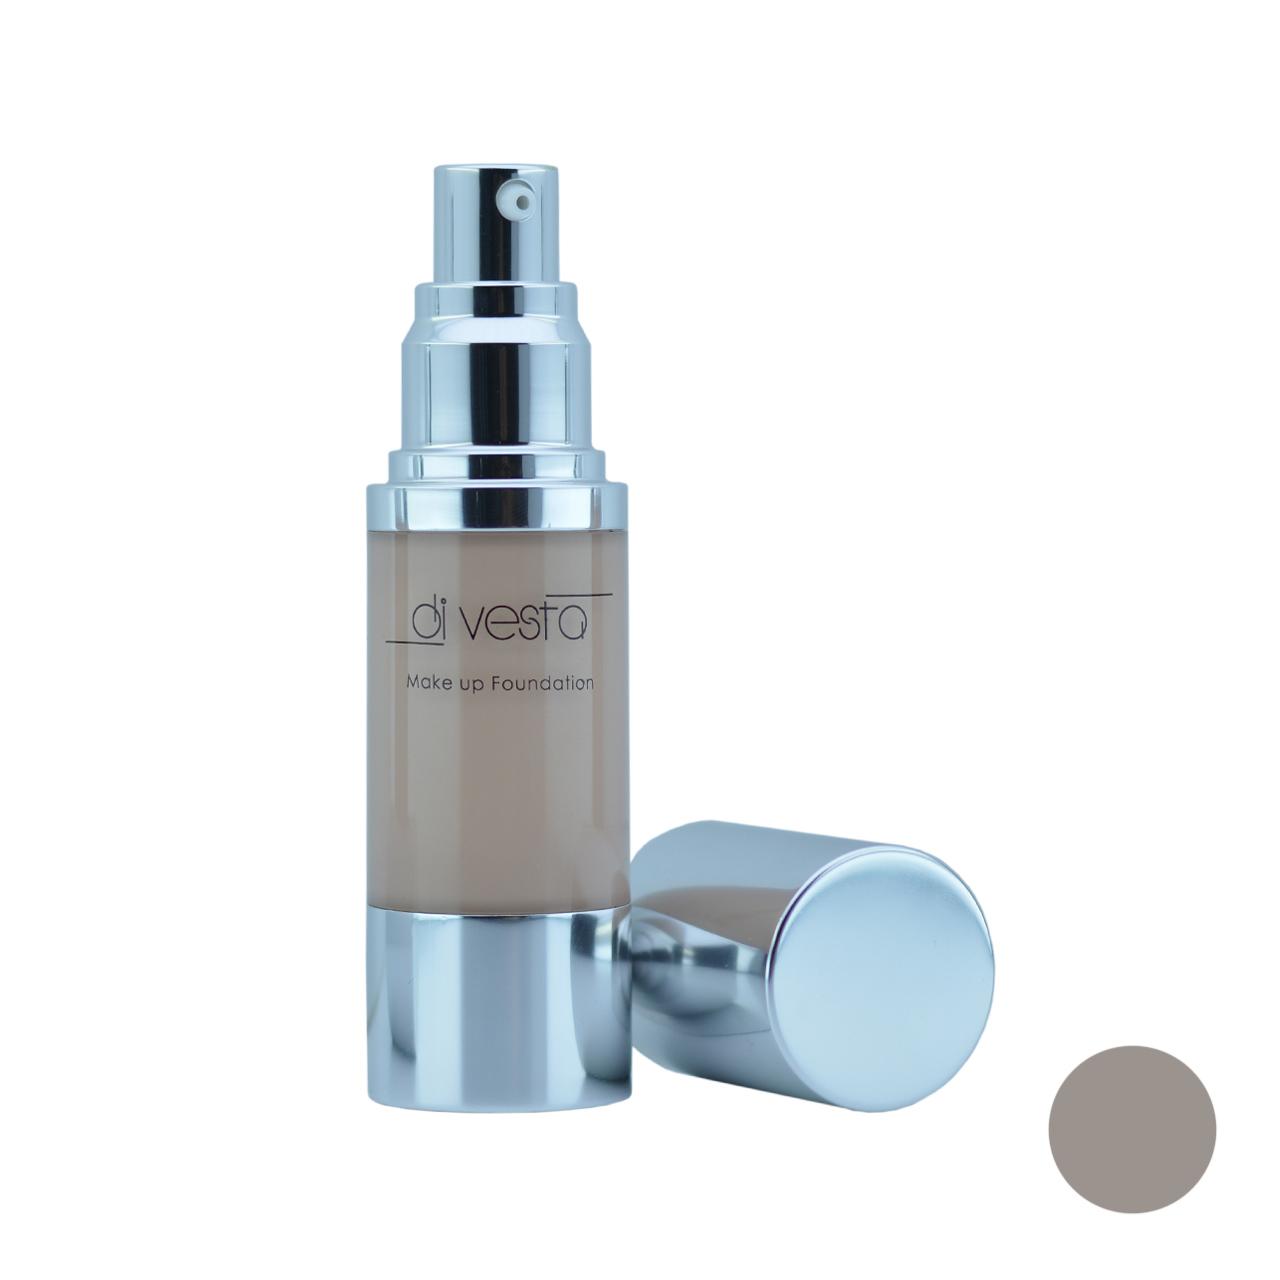 کرم پودر دیوستا مدل Anti Skin aging شماره 31 حجم 30 میلی لیتر